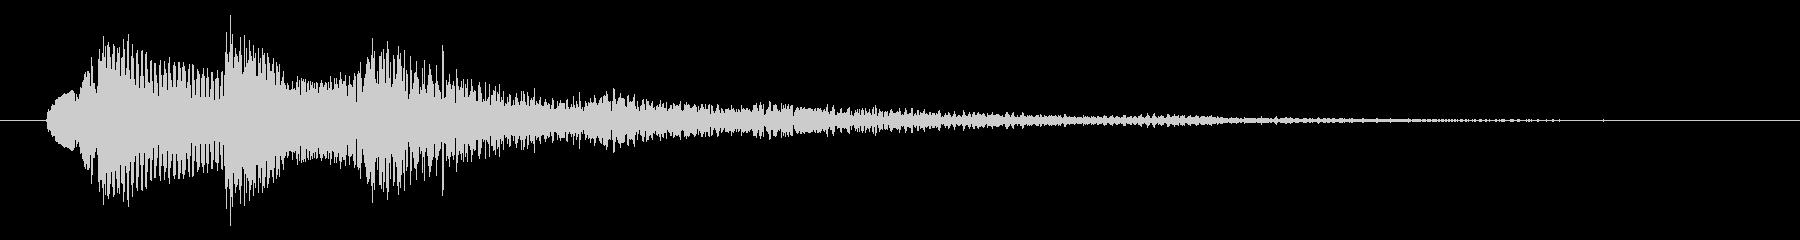 企業・CM おしゃれなピアノサウンドロゴの未再生の波形